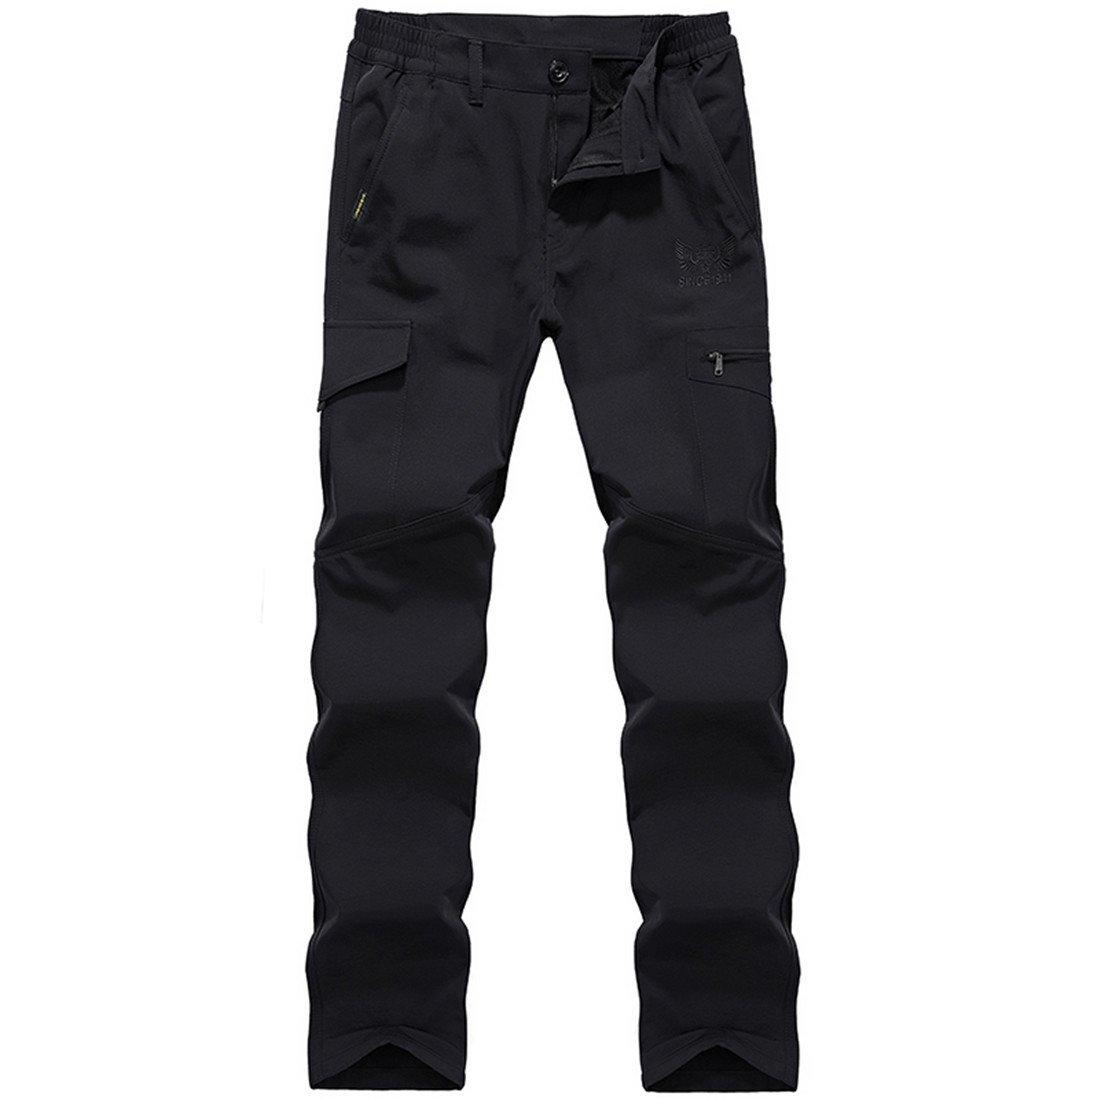 KAISIKE PANTS メンズ B075WV24L1 M/W29-30|Black-thick Black-thick M/W29-30